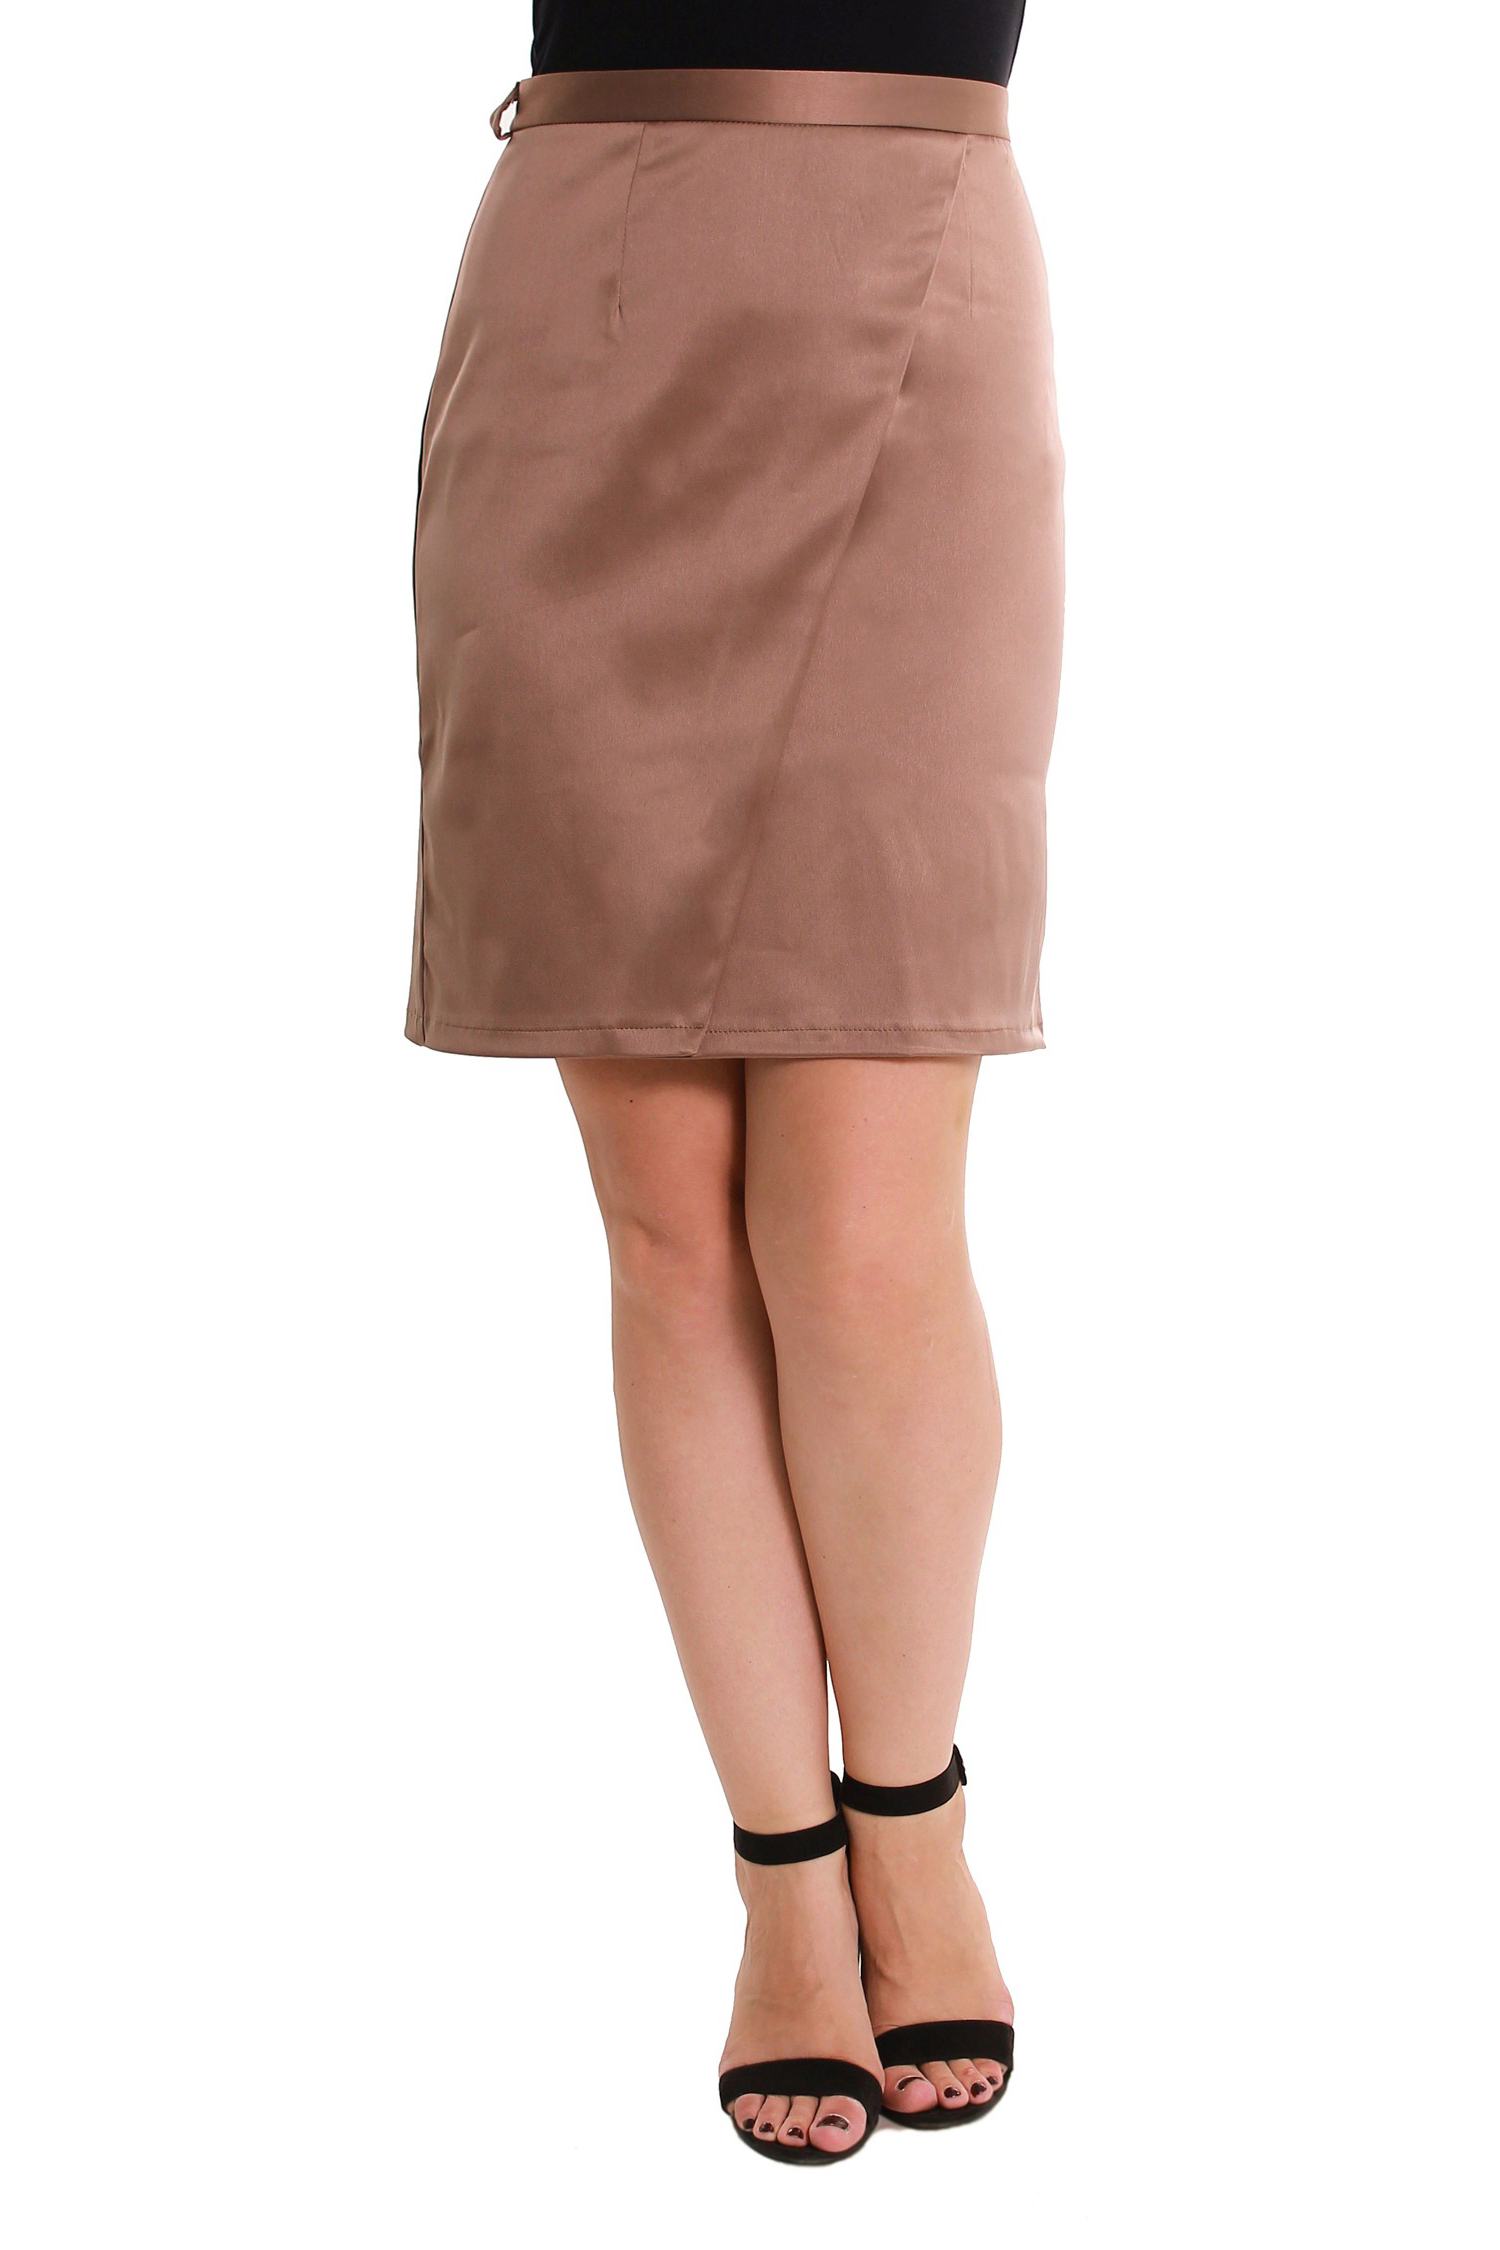 ЮбкаЮбки<br>Элегантная прямая юбка, по переду quot;запахquot;, молния сзади. Цвет: темно-бежевый.  Длина юбки - 58 см.<br><br>По рисунку: Однотонные<br>По сезону: Весна,Всесезон,Зима,Лето,Осень<br>По силуэту: Полуприталенные,Прямые<br>По материалу: Атлас<br>По стилю: Нарядный стиль,Офисный стиль,Повседневный стиль<br>По элементам: С разрезом<br>Застежка: С молнией<br>По длине: До колена<br>Разрез: Шлица<br>Размер : 48<br>Материал: Атлас<br>Количество в наличии: 2